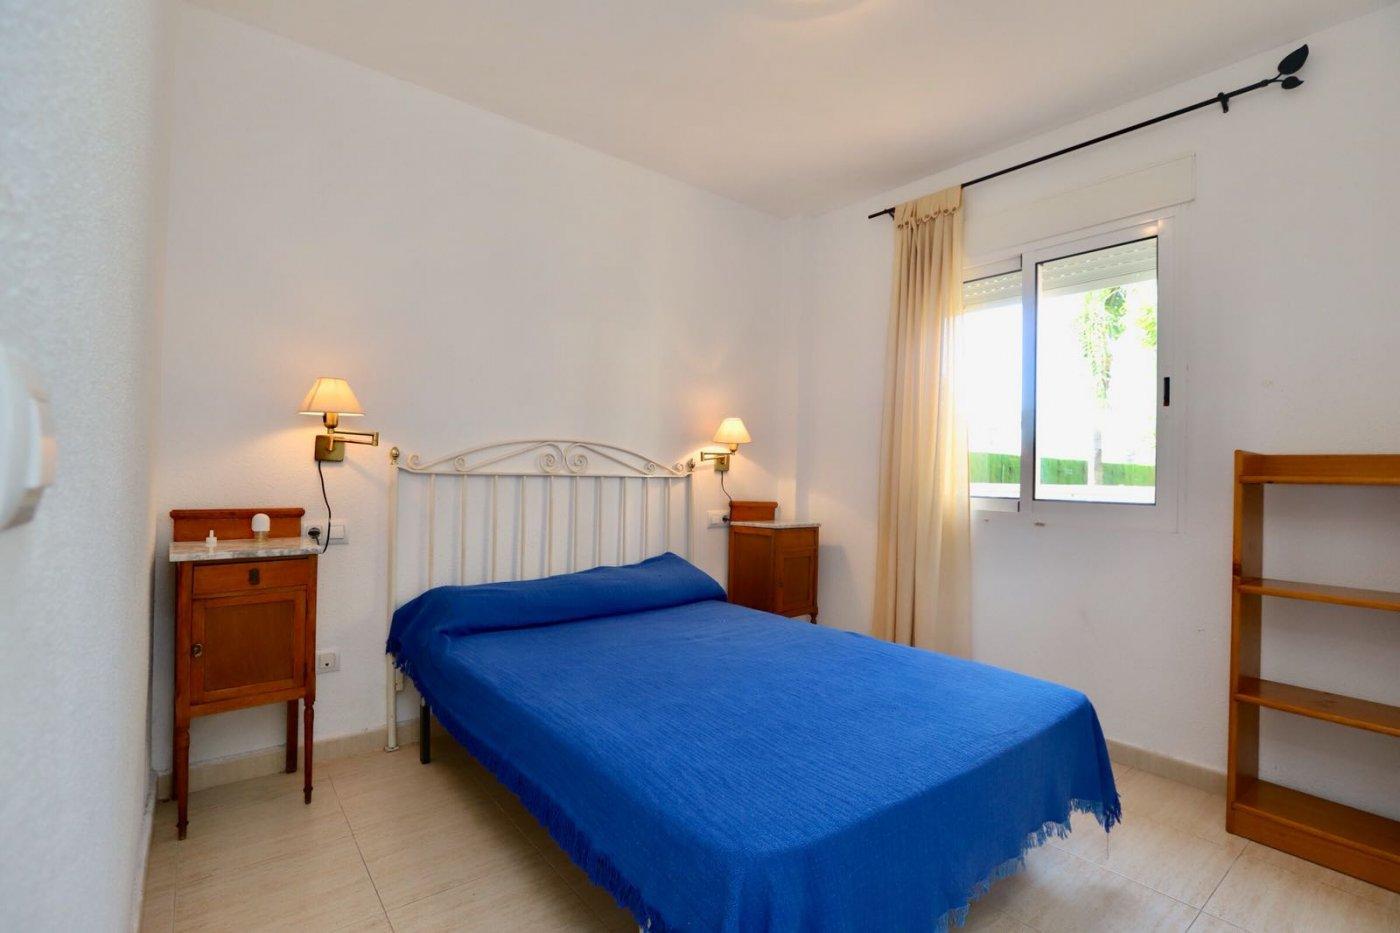 Fotogalería - 12 - ADAL Denia - Inmobiliaria - Apartamentos - Pisos - Chalets en Denia